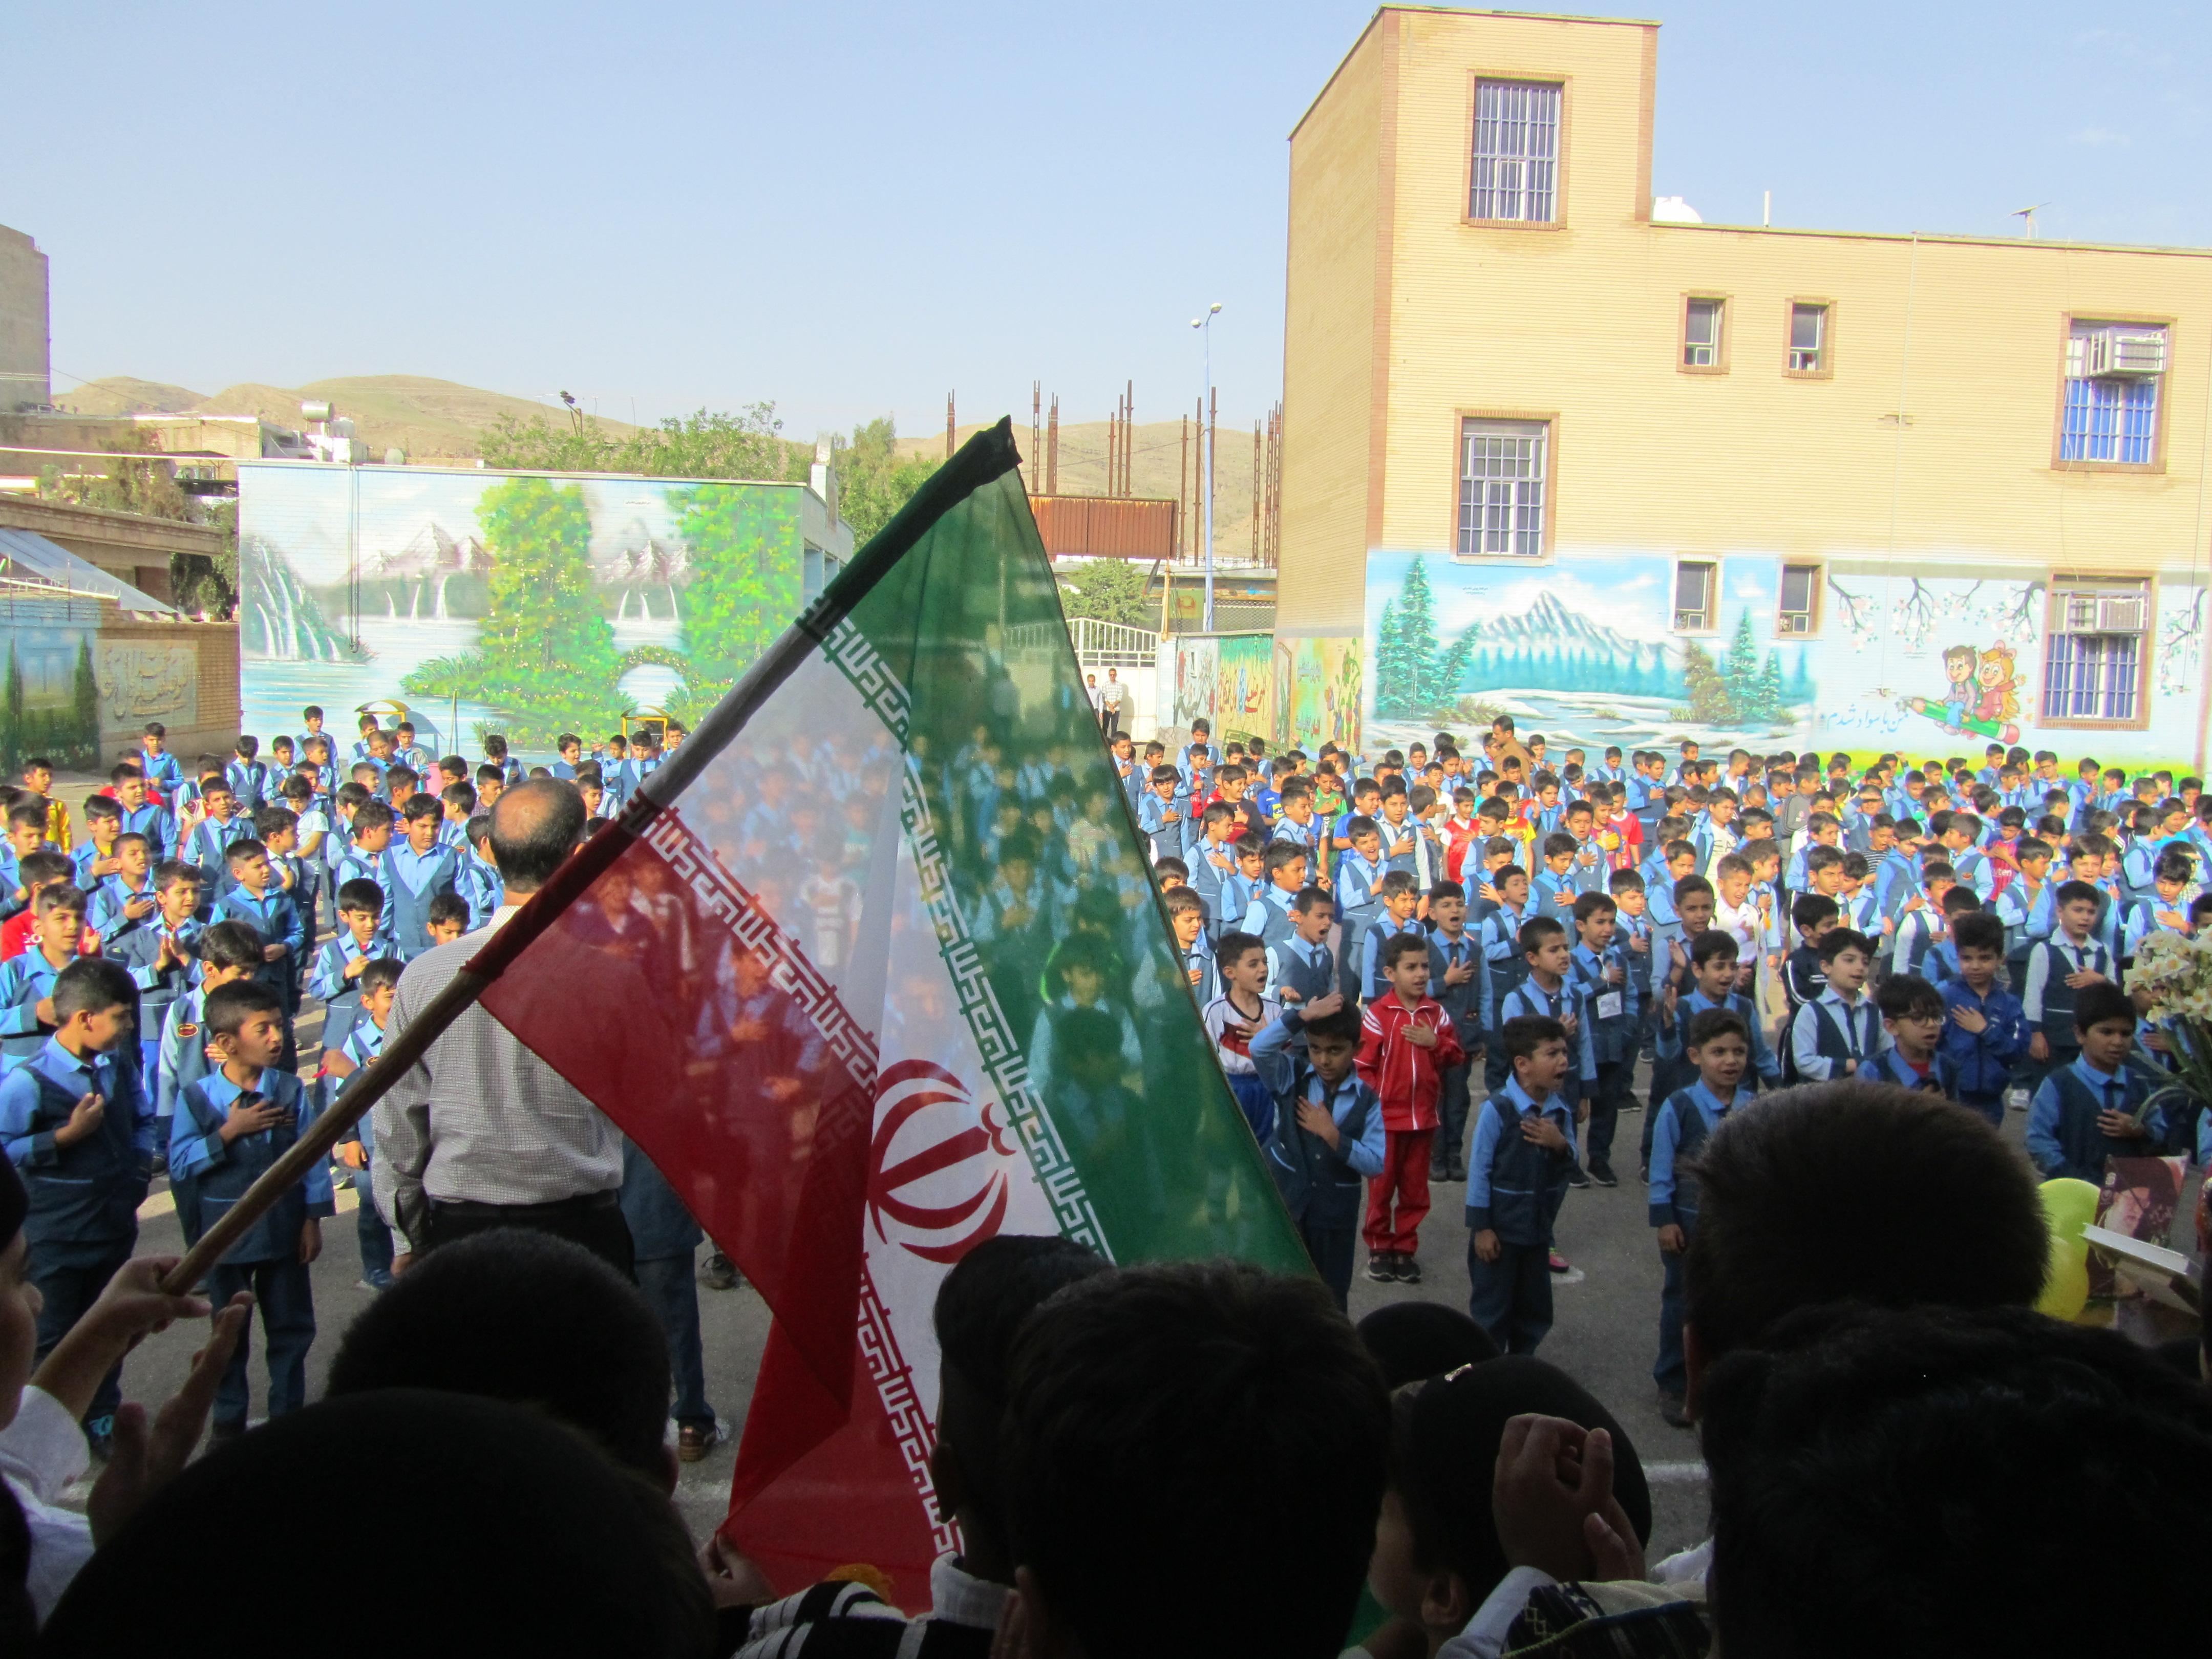 برگزاری مراسم تقدیر از معلمان در دبستان سبحان ایذه